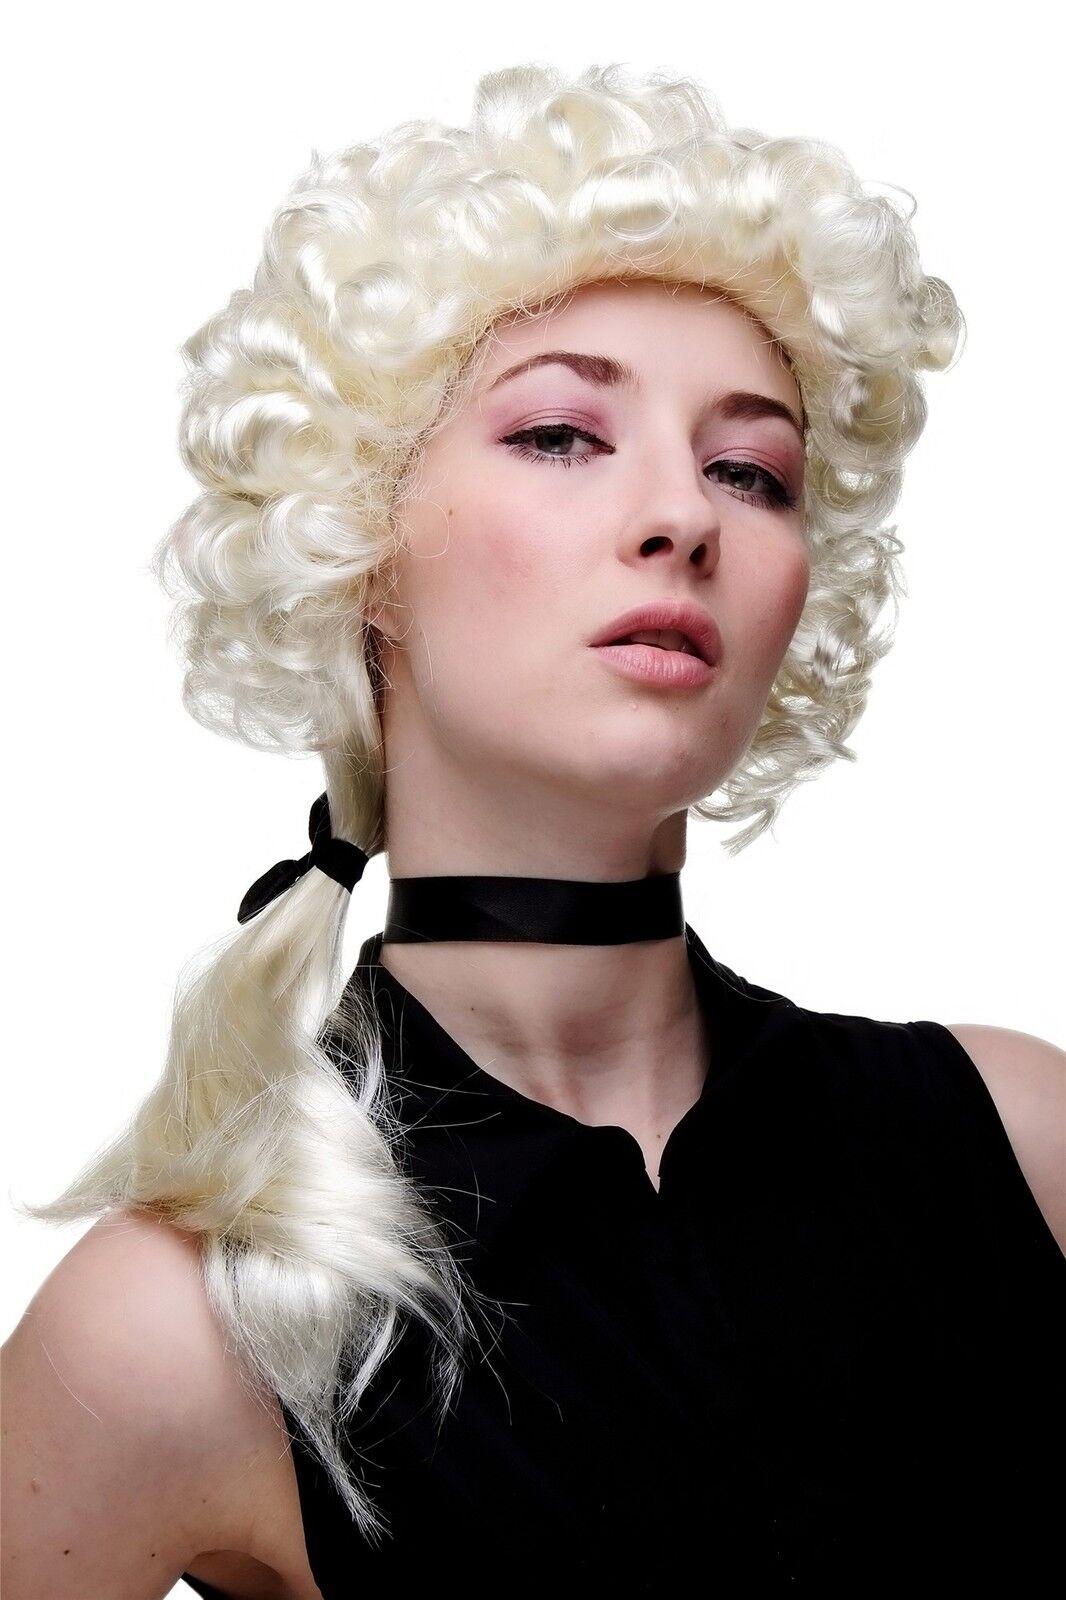 Wig Men's Women's Light Blond Plait Baroque Renaissance Aristocrat Noblewoman